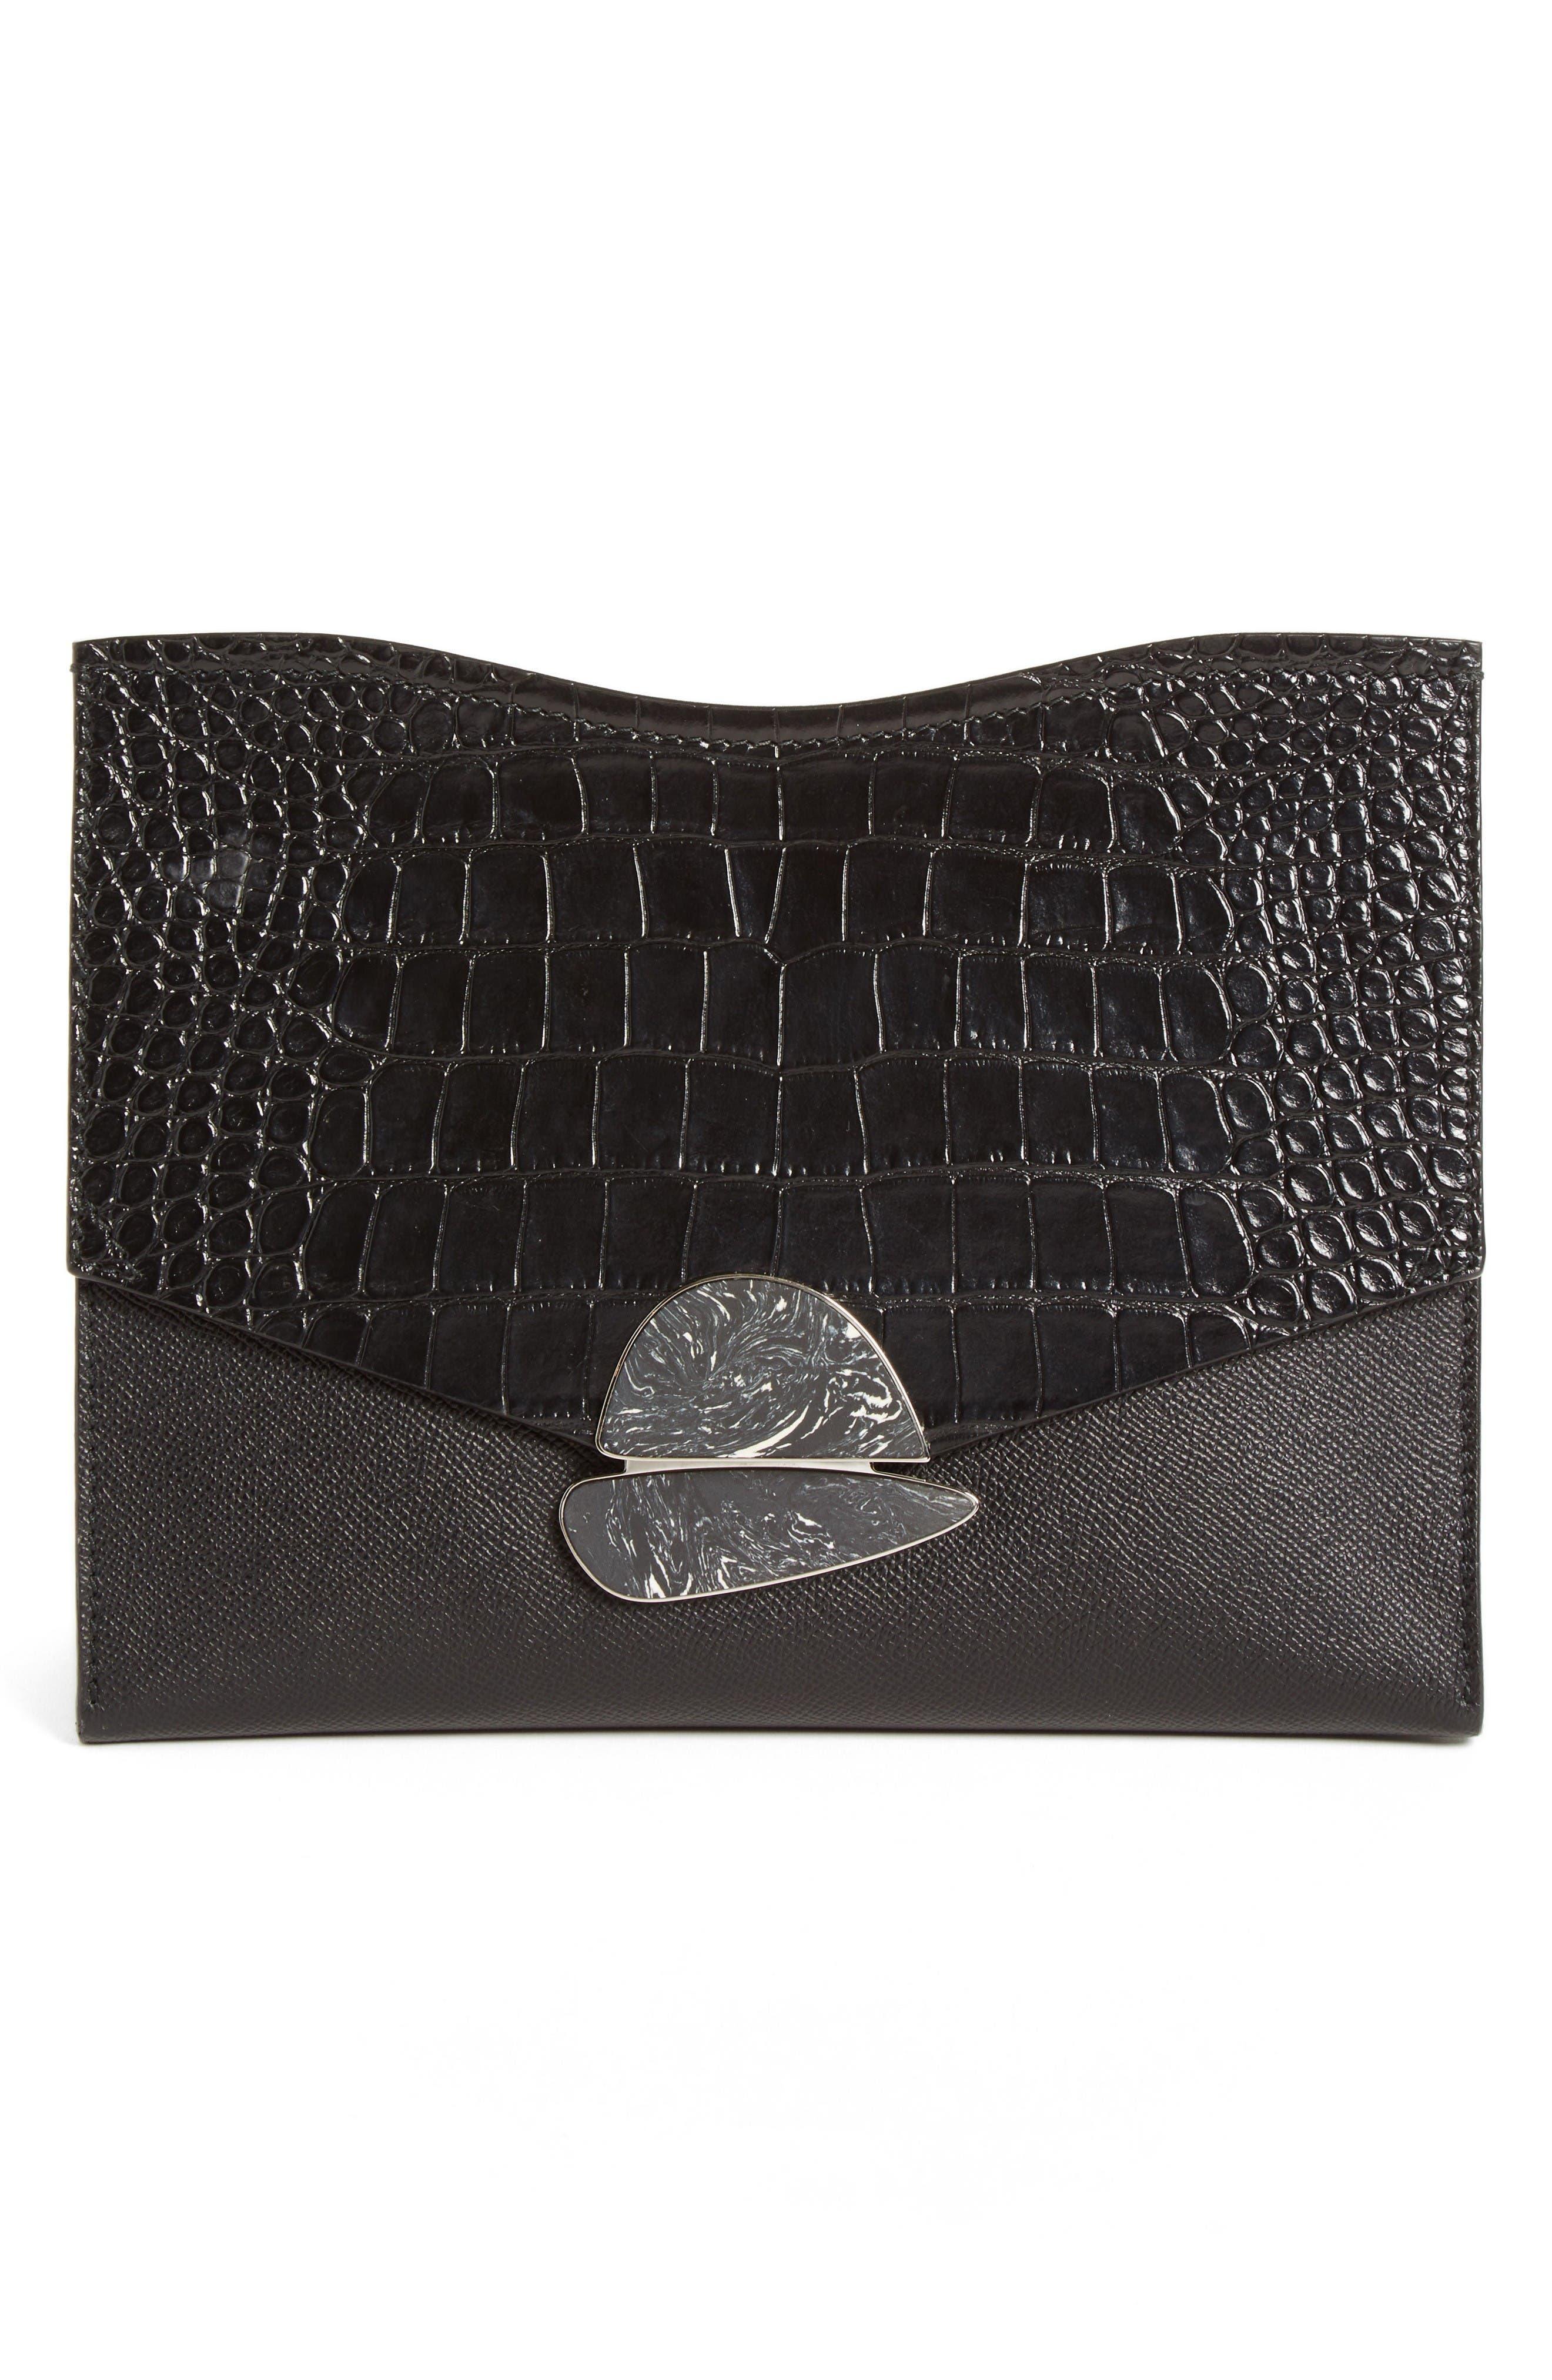 Proenza Schouler Medium Curl Leather Clutch